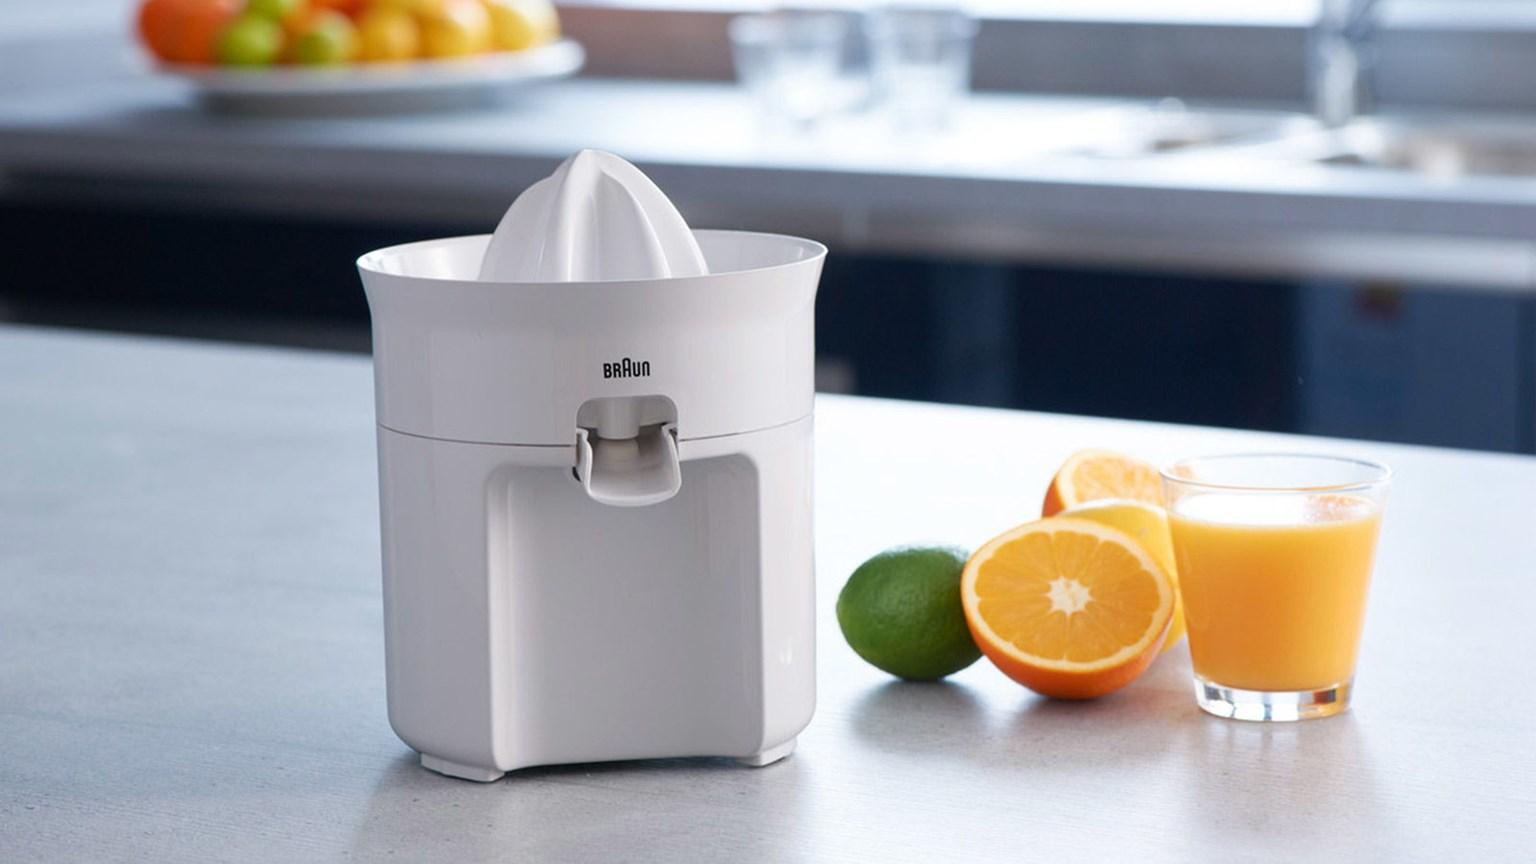 Máy vắt cam Braun CJ3050 cho chất lượng nước cam nguyên chất